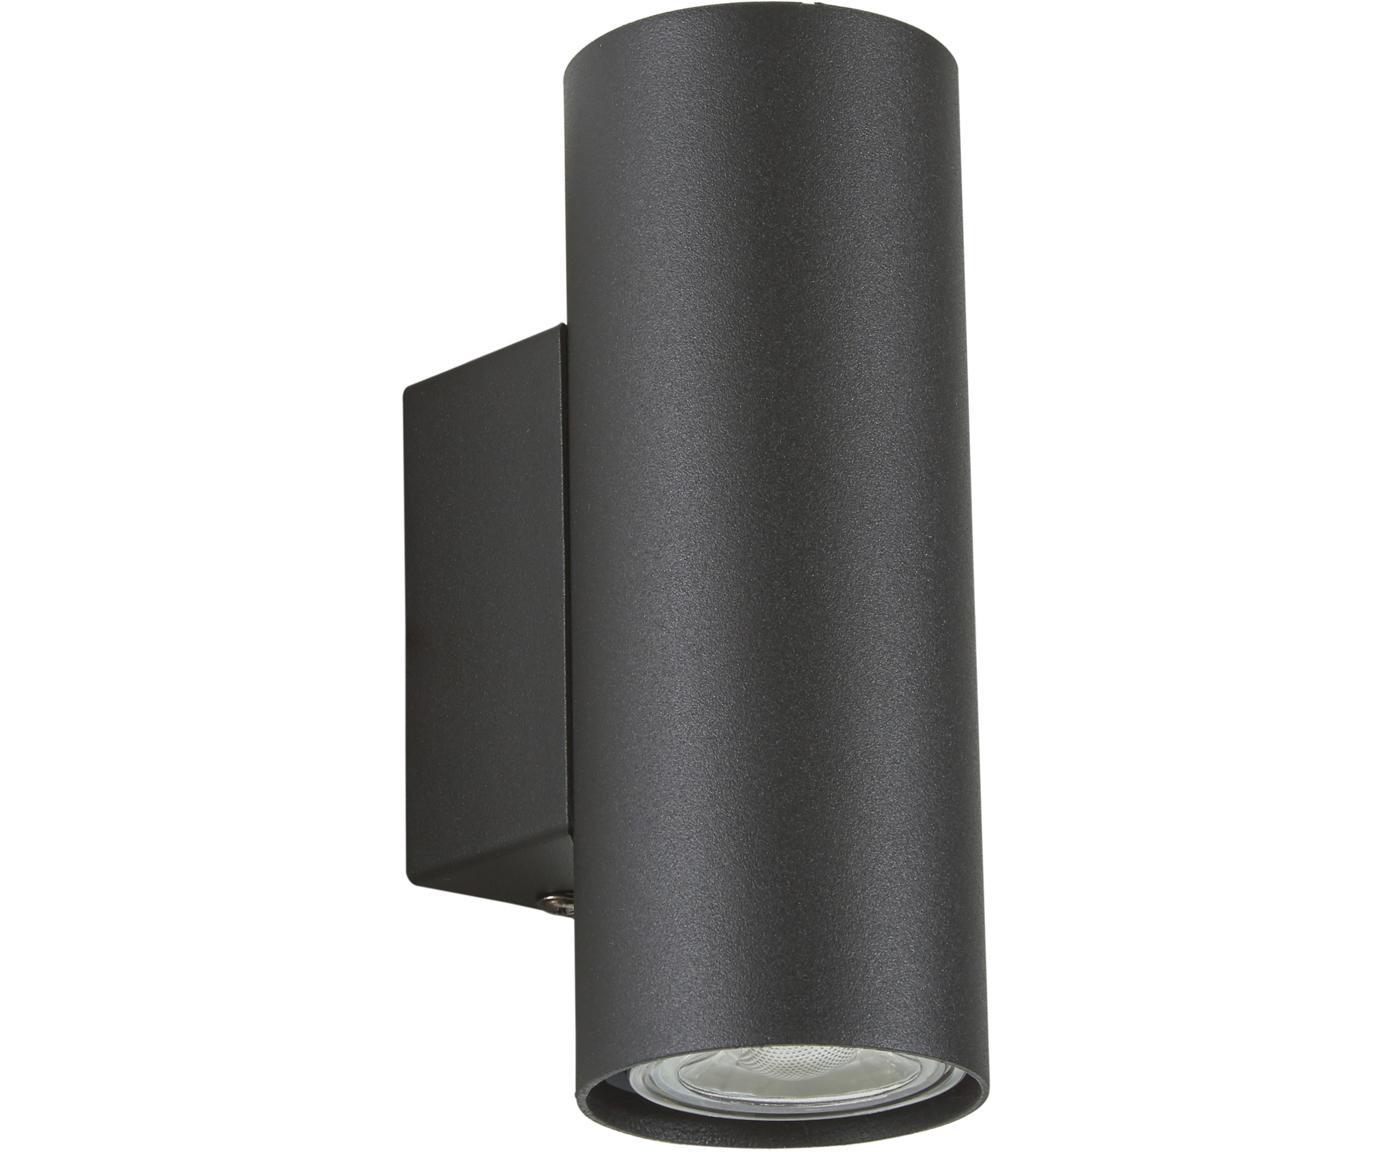 LED Wandleuchte Paul, Metall, pulverbeschichtet, Schwarz, 6 x 9 cm